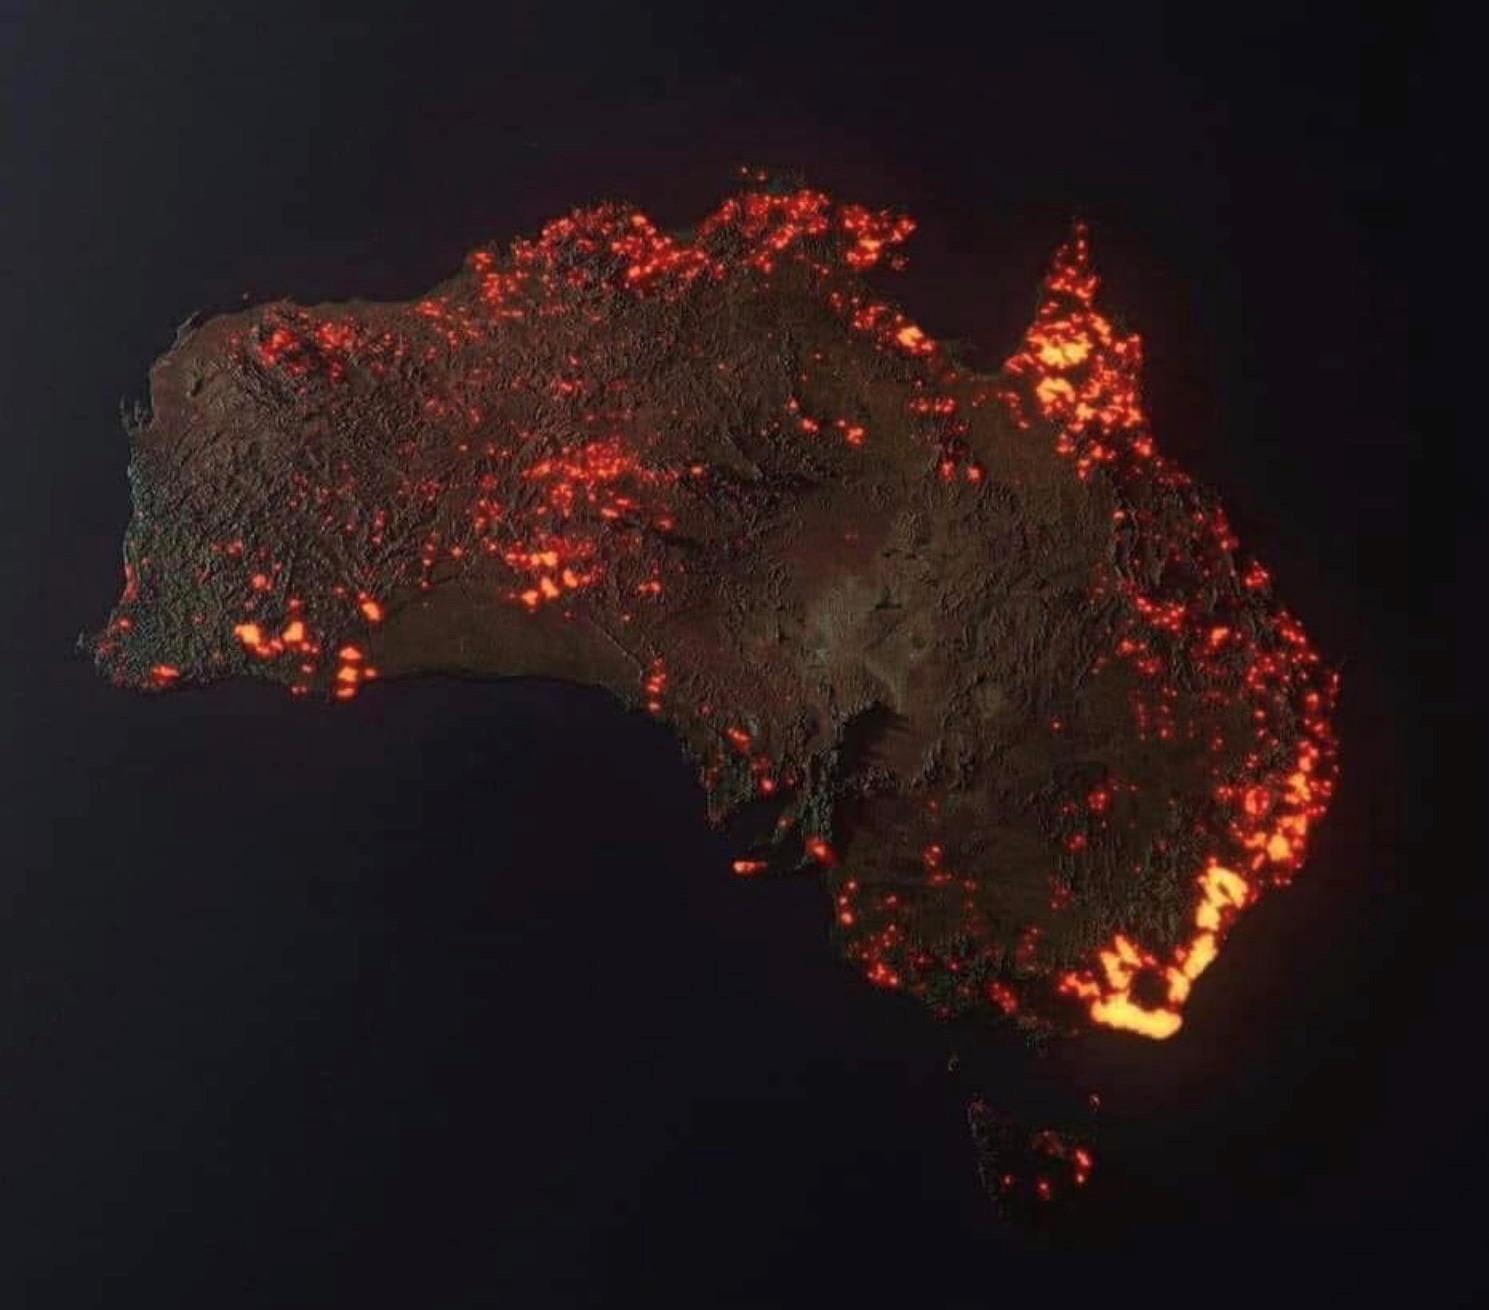 Пожары в Австралии! Читаем внимательно!